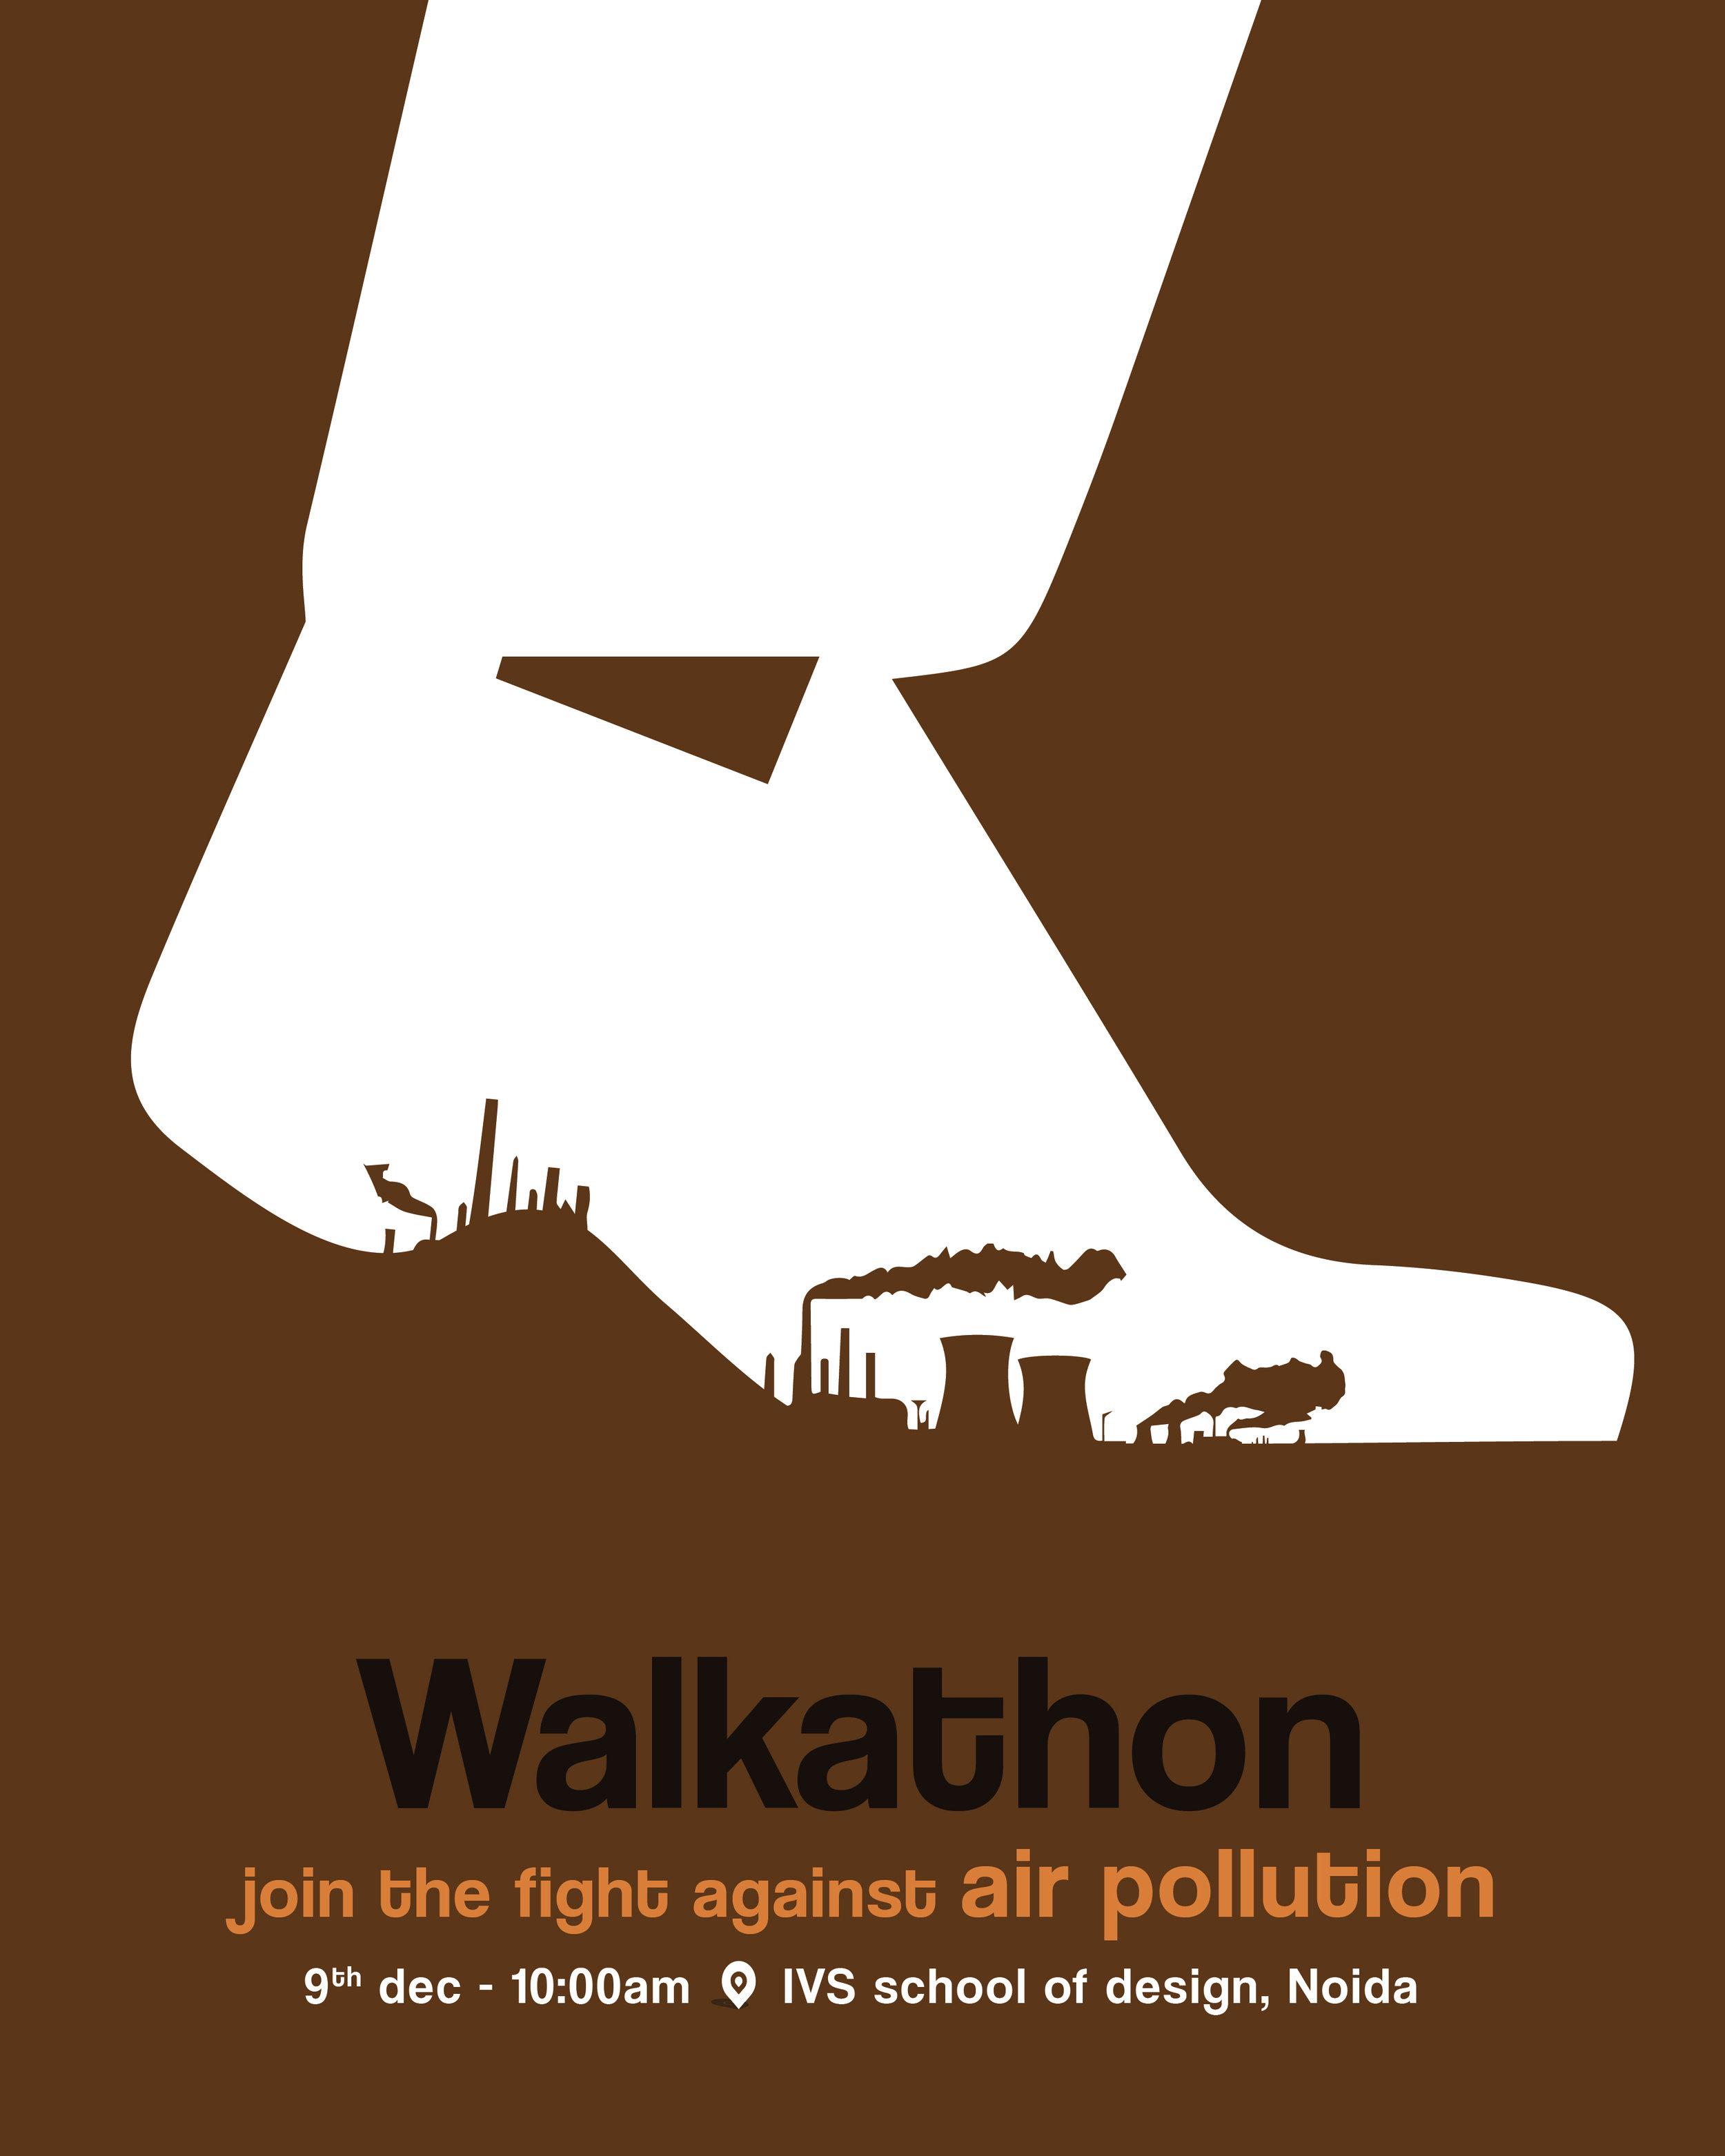 Walkathon-01.jpg